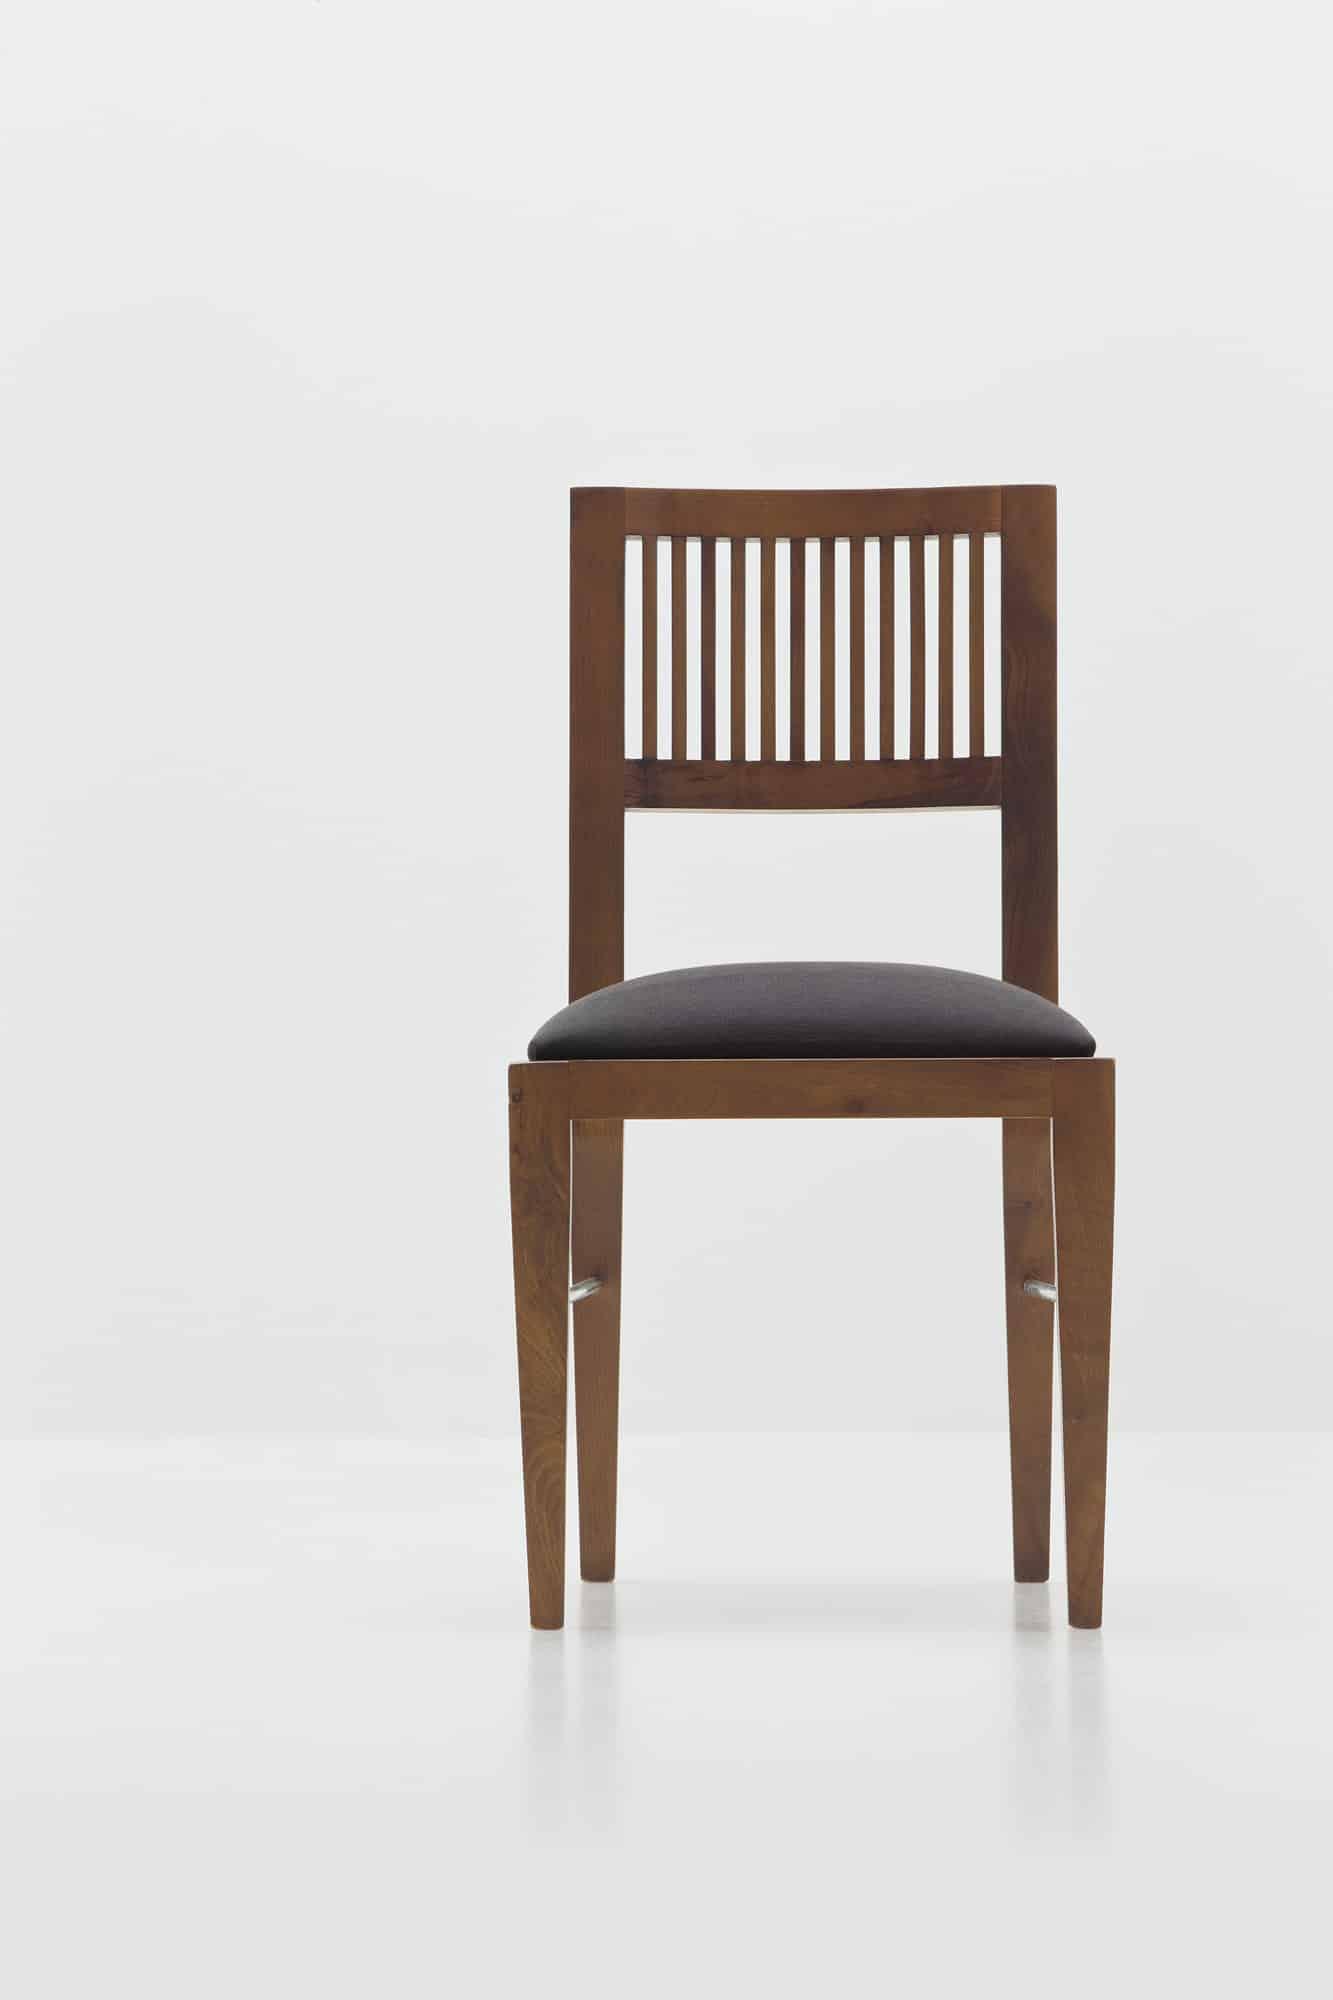 tische st hle marktex. Black Bedroom Furniture Sets. Home Design Ideas